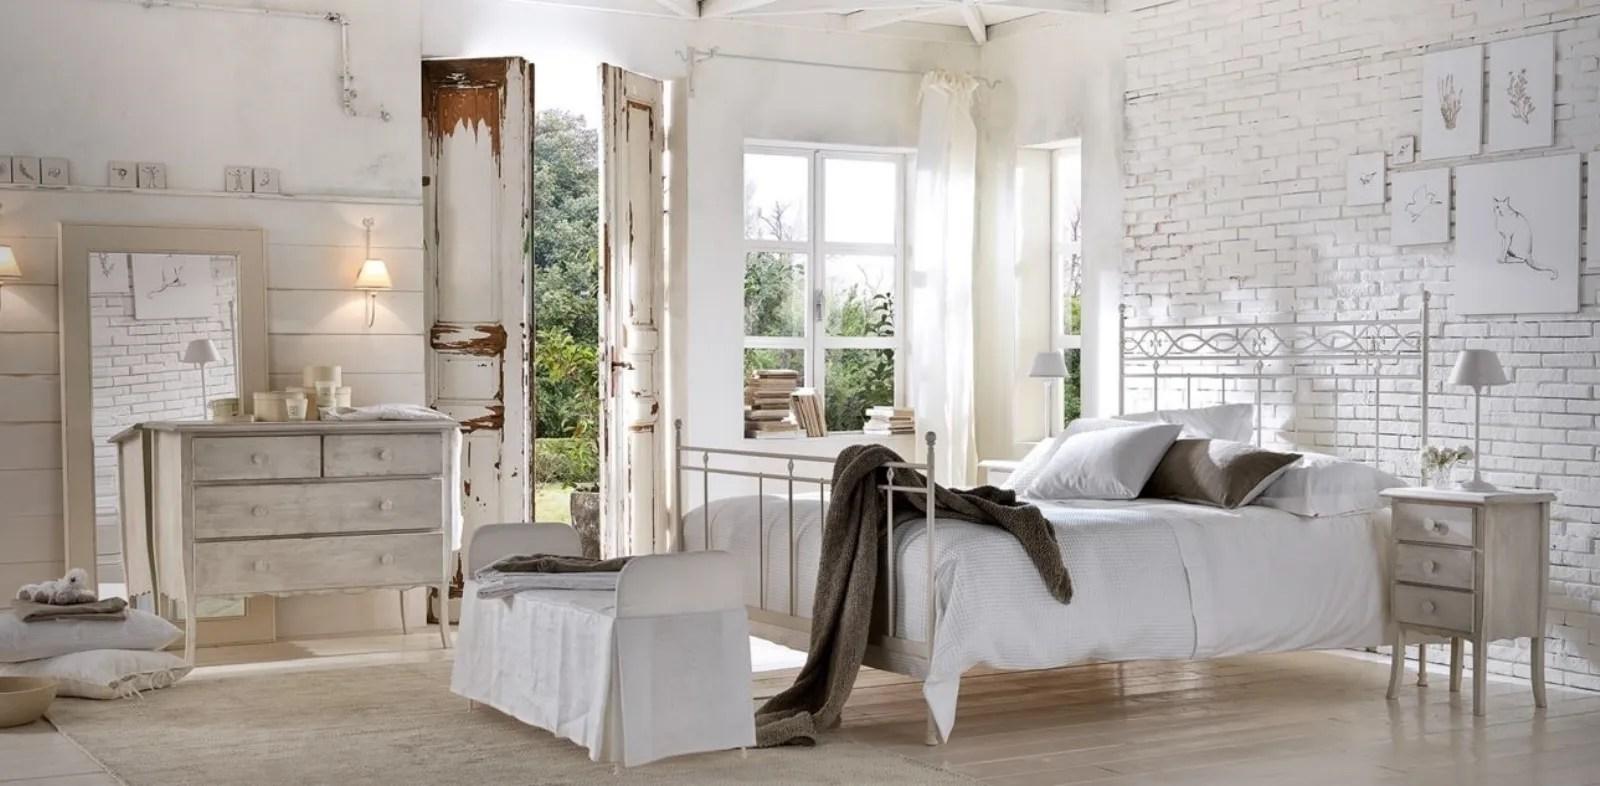 Semplicemente con un tavolo abbinato a sedie in stile moderno in una cucina. La Casa Shabby Chic